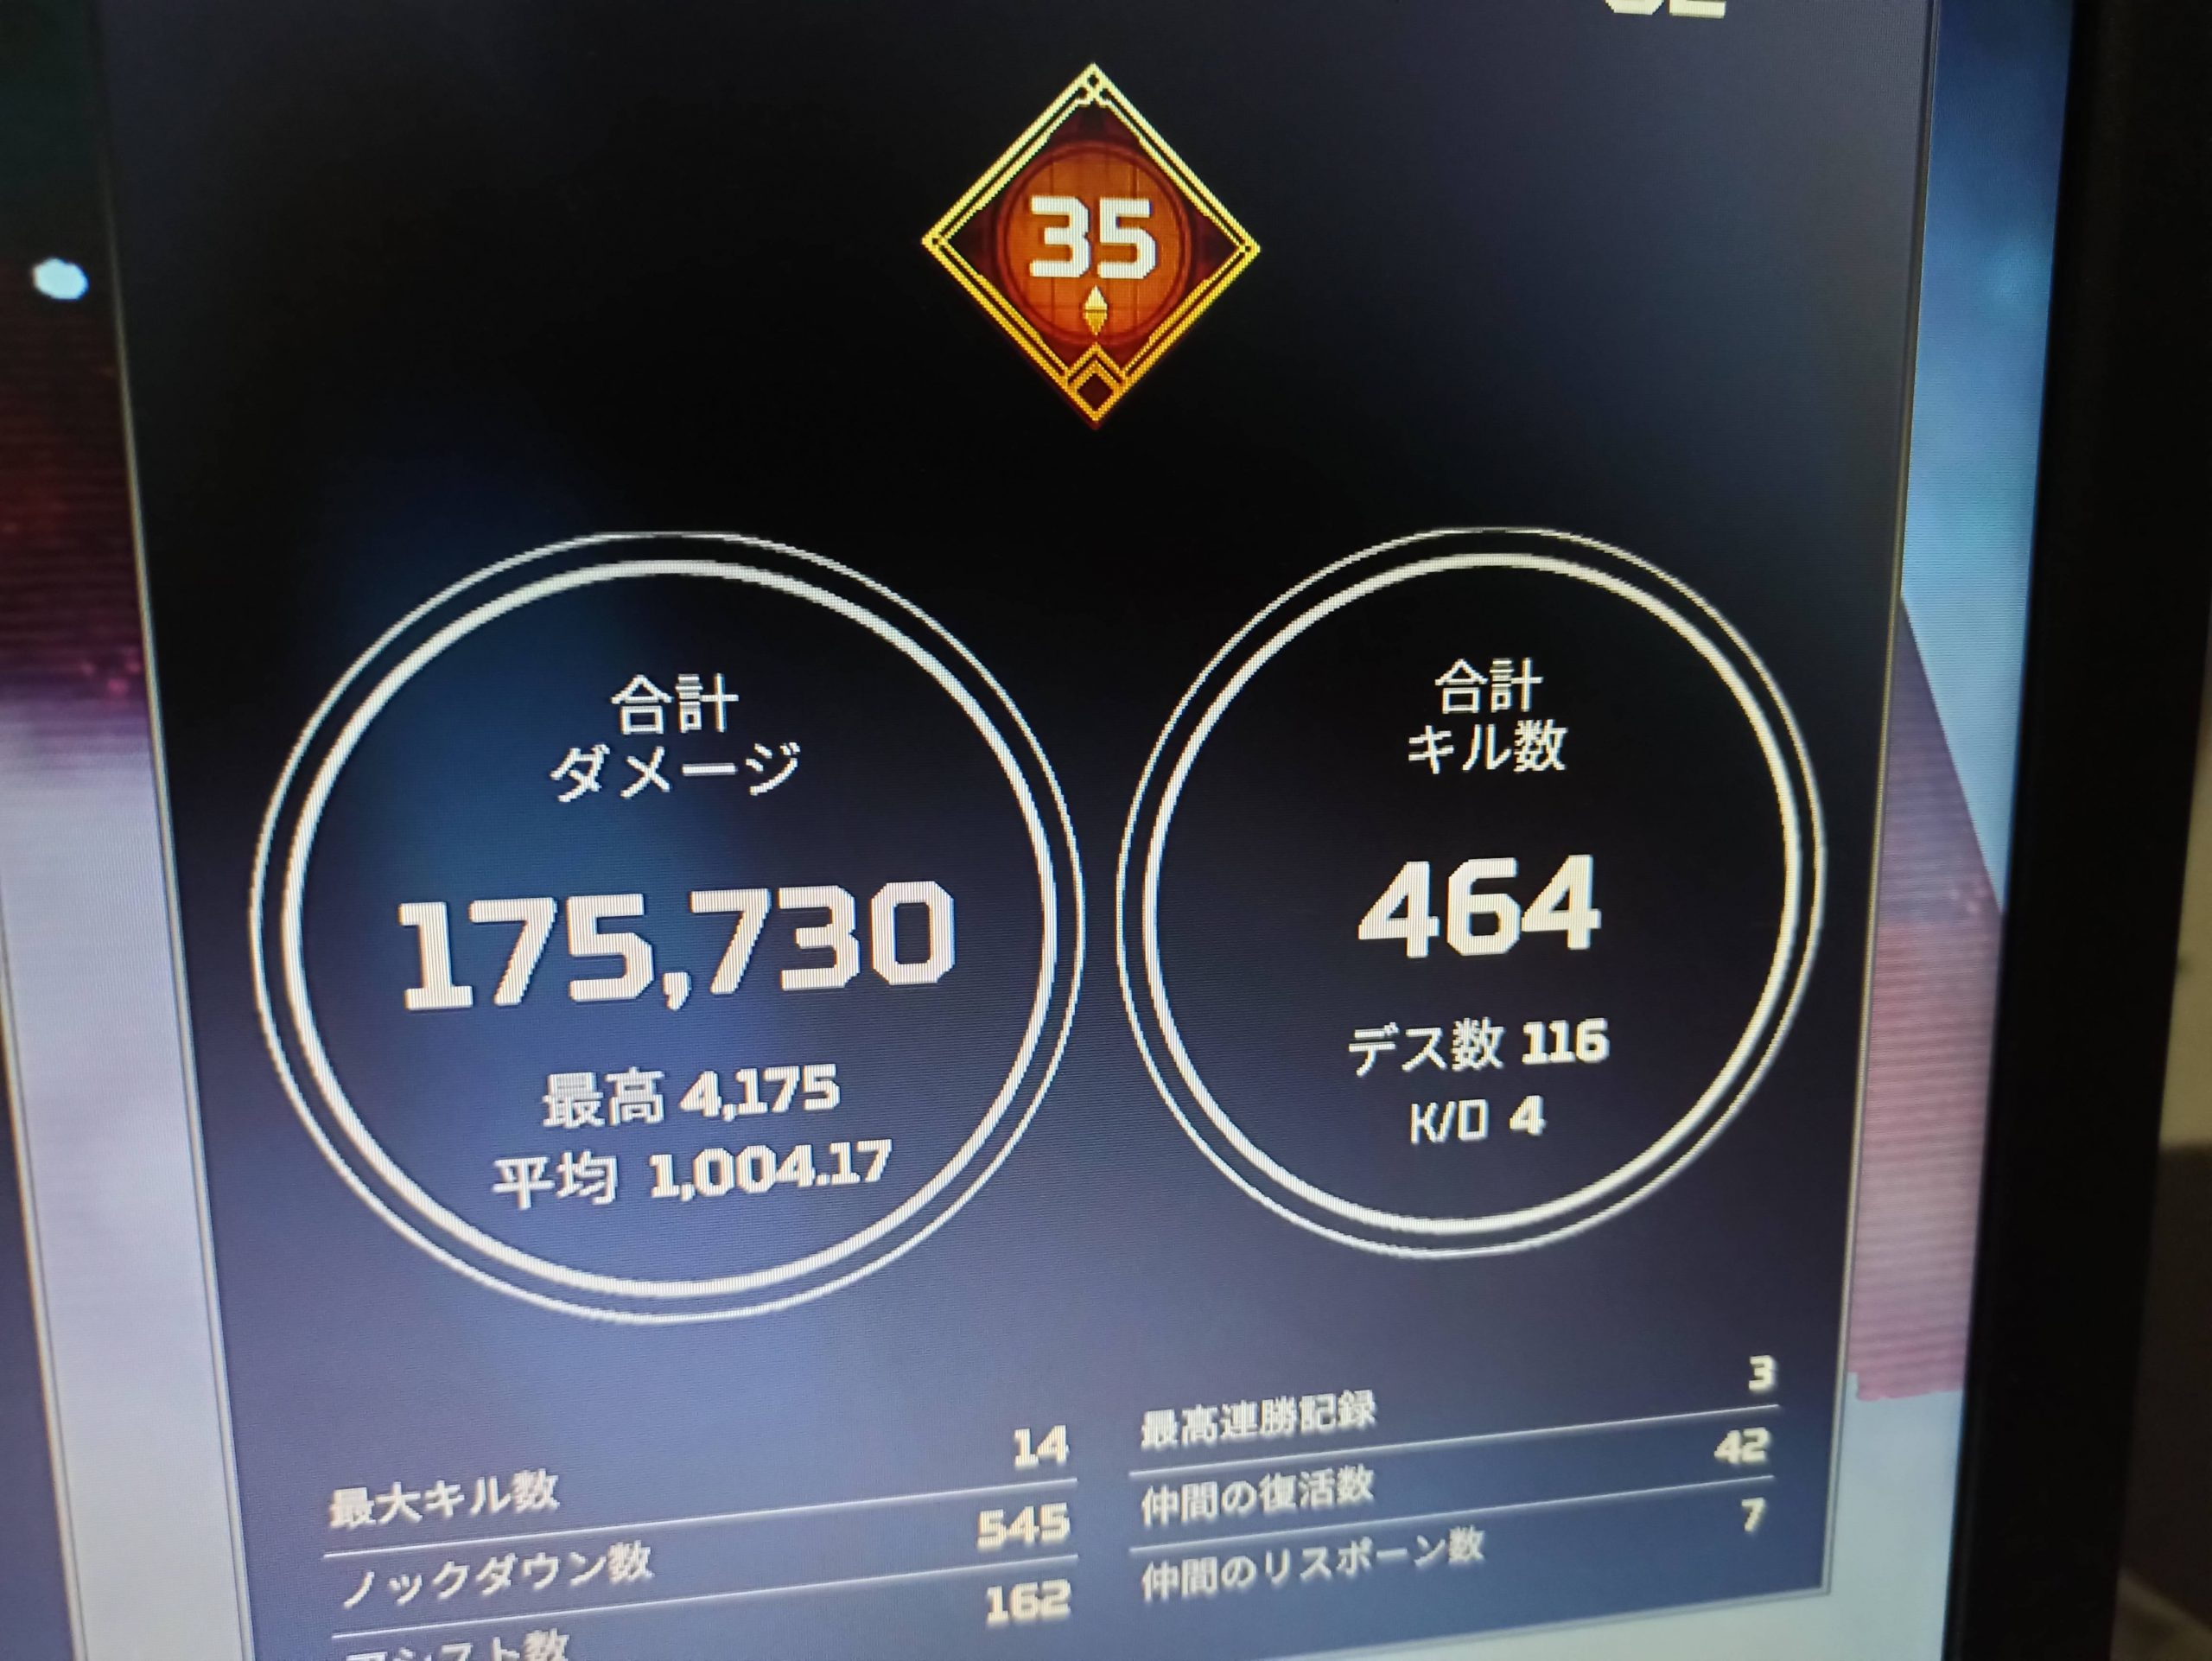 ハンマー 3000 【Apex Legends】『3000ハンマー(縦ハン)』を取るための立ち回り・武器構成!